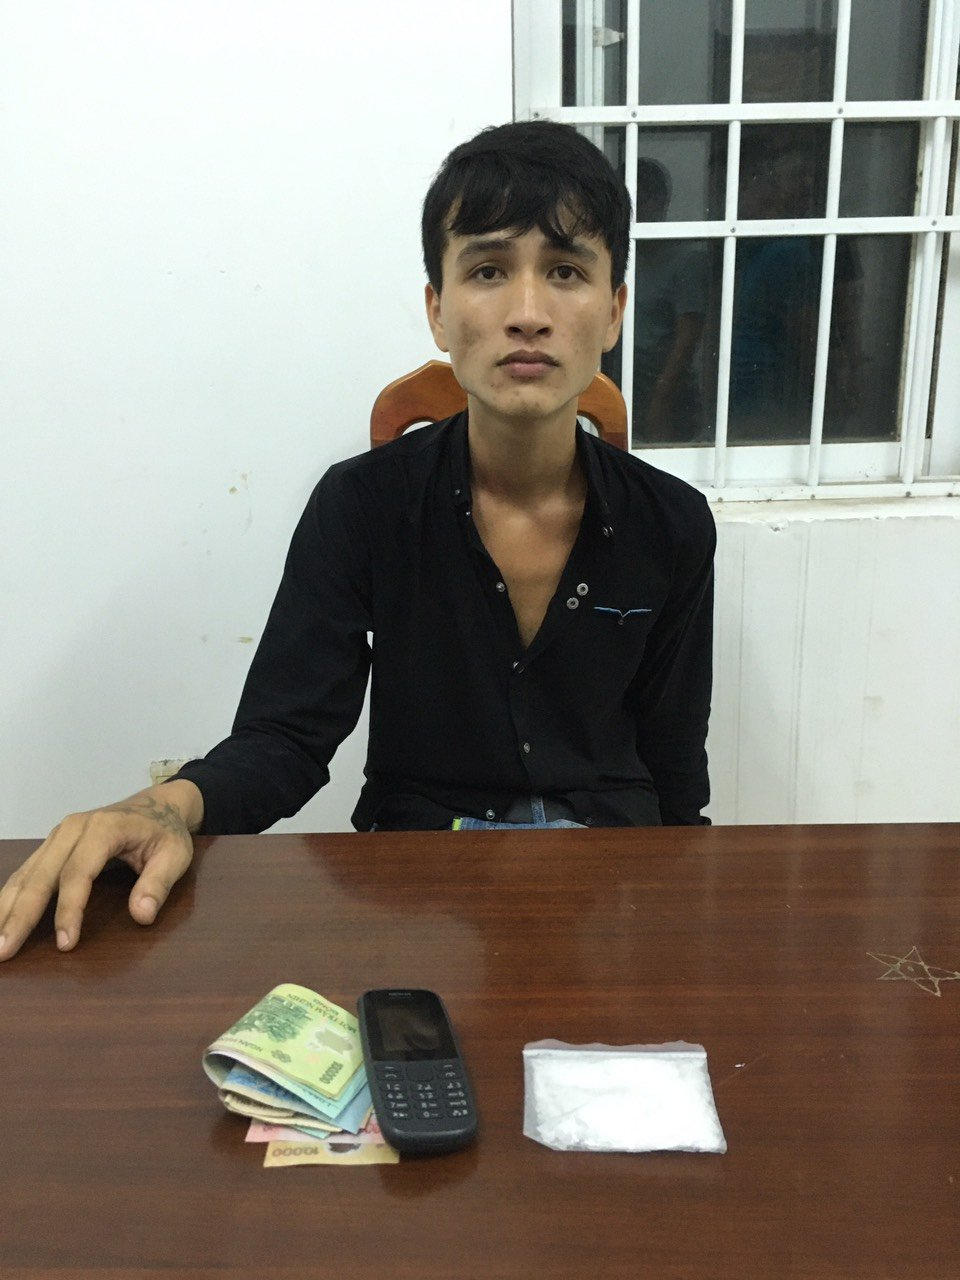 Linh khai mua ma túy về bán cho các thuyền viên tàu cá nghiện hút